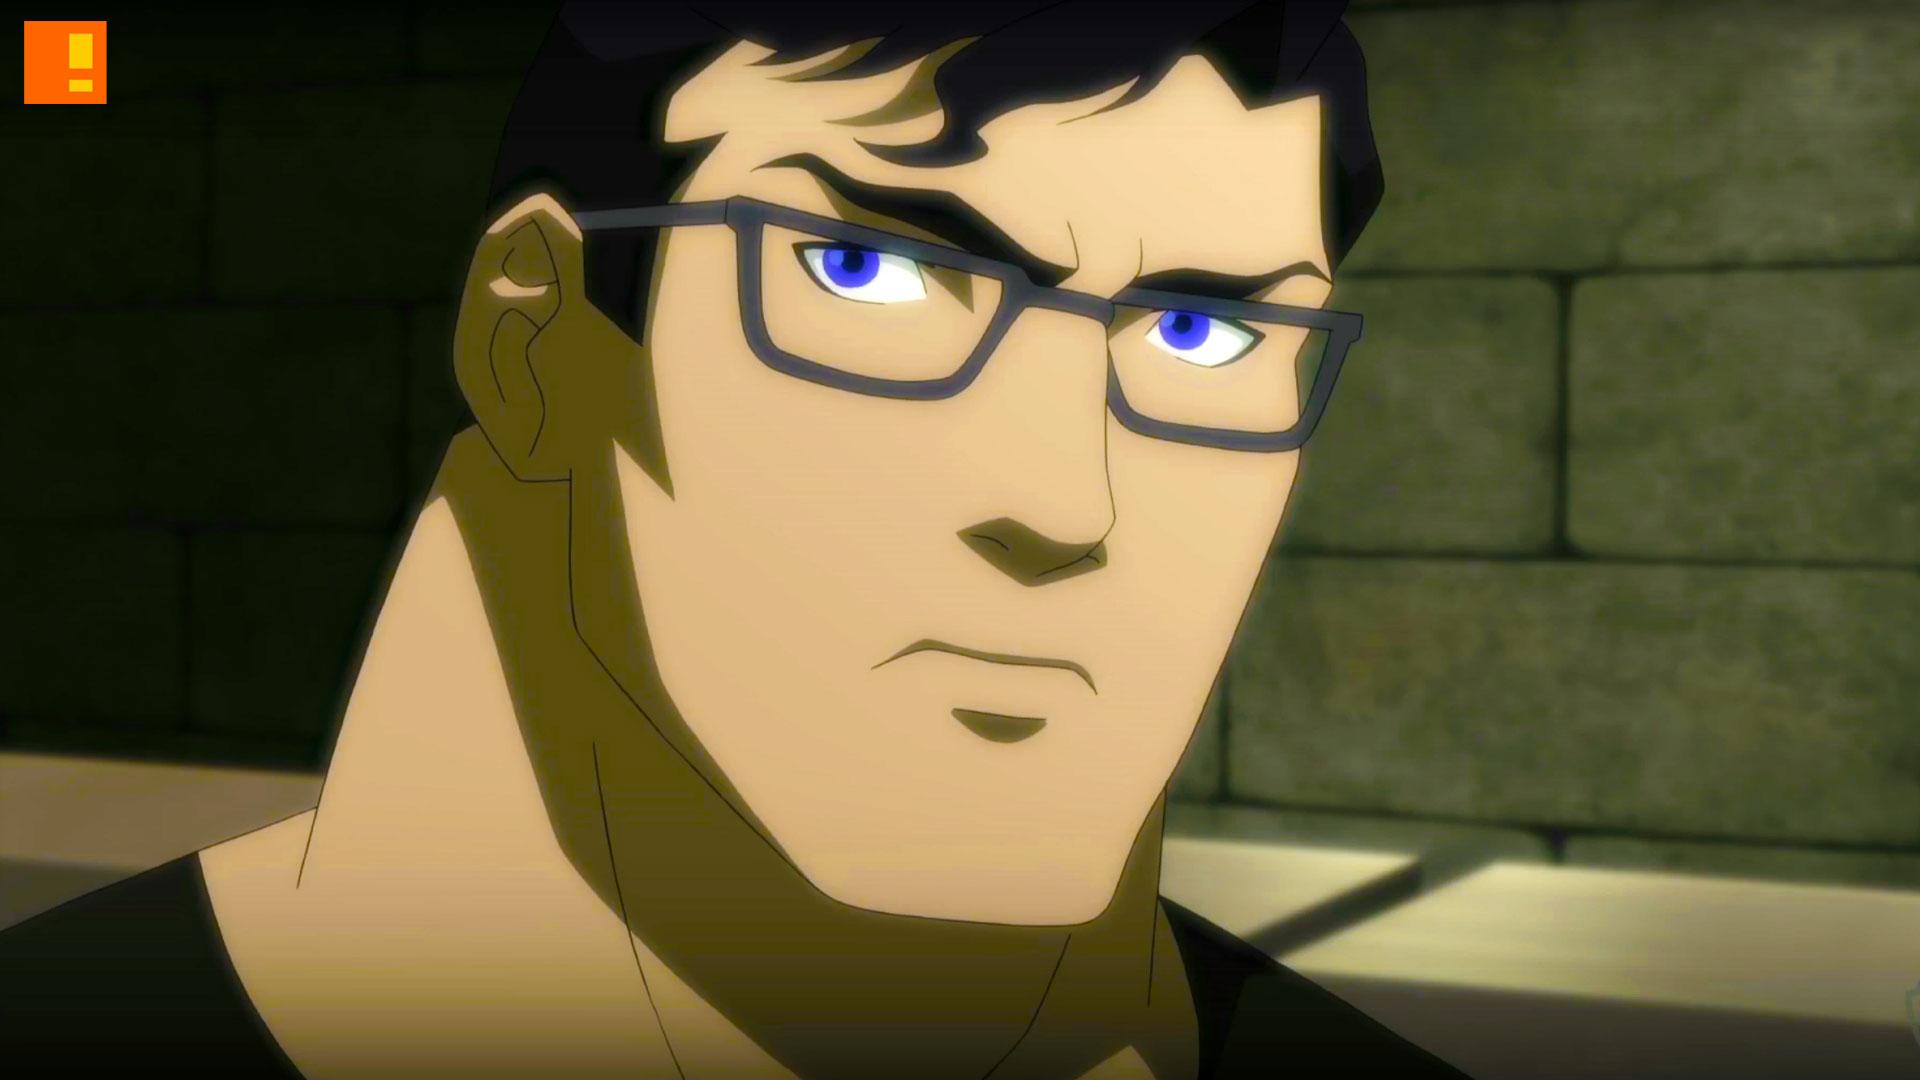 superman. Justice League Vs Teen Titans. wb animation. dc comics. the action pixel. @theactionpixel